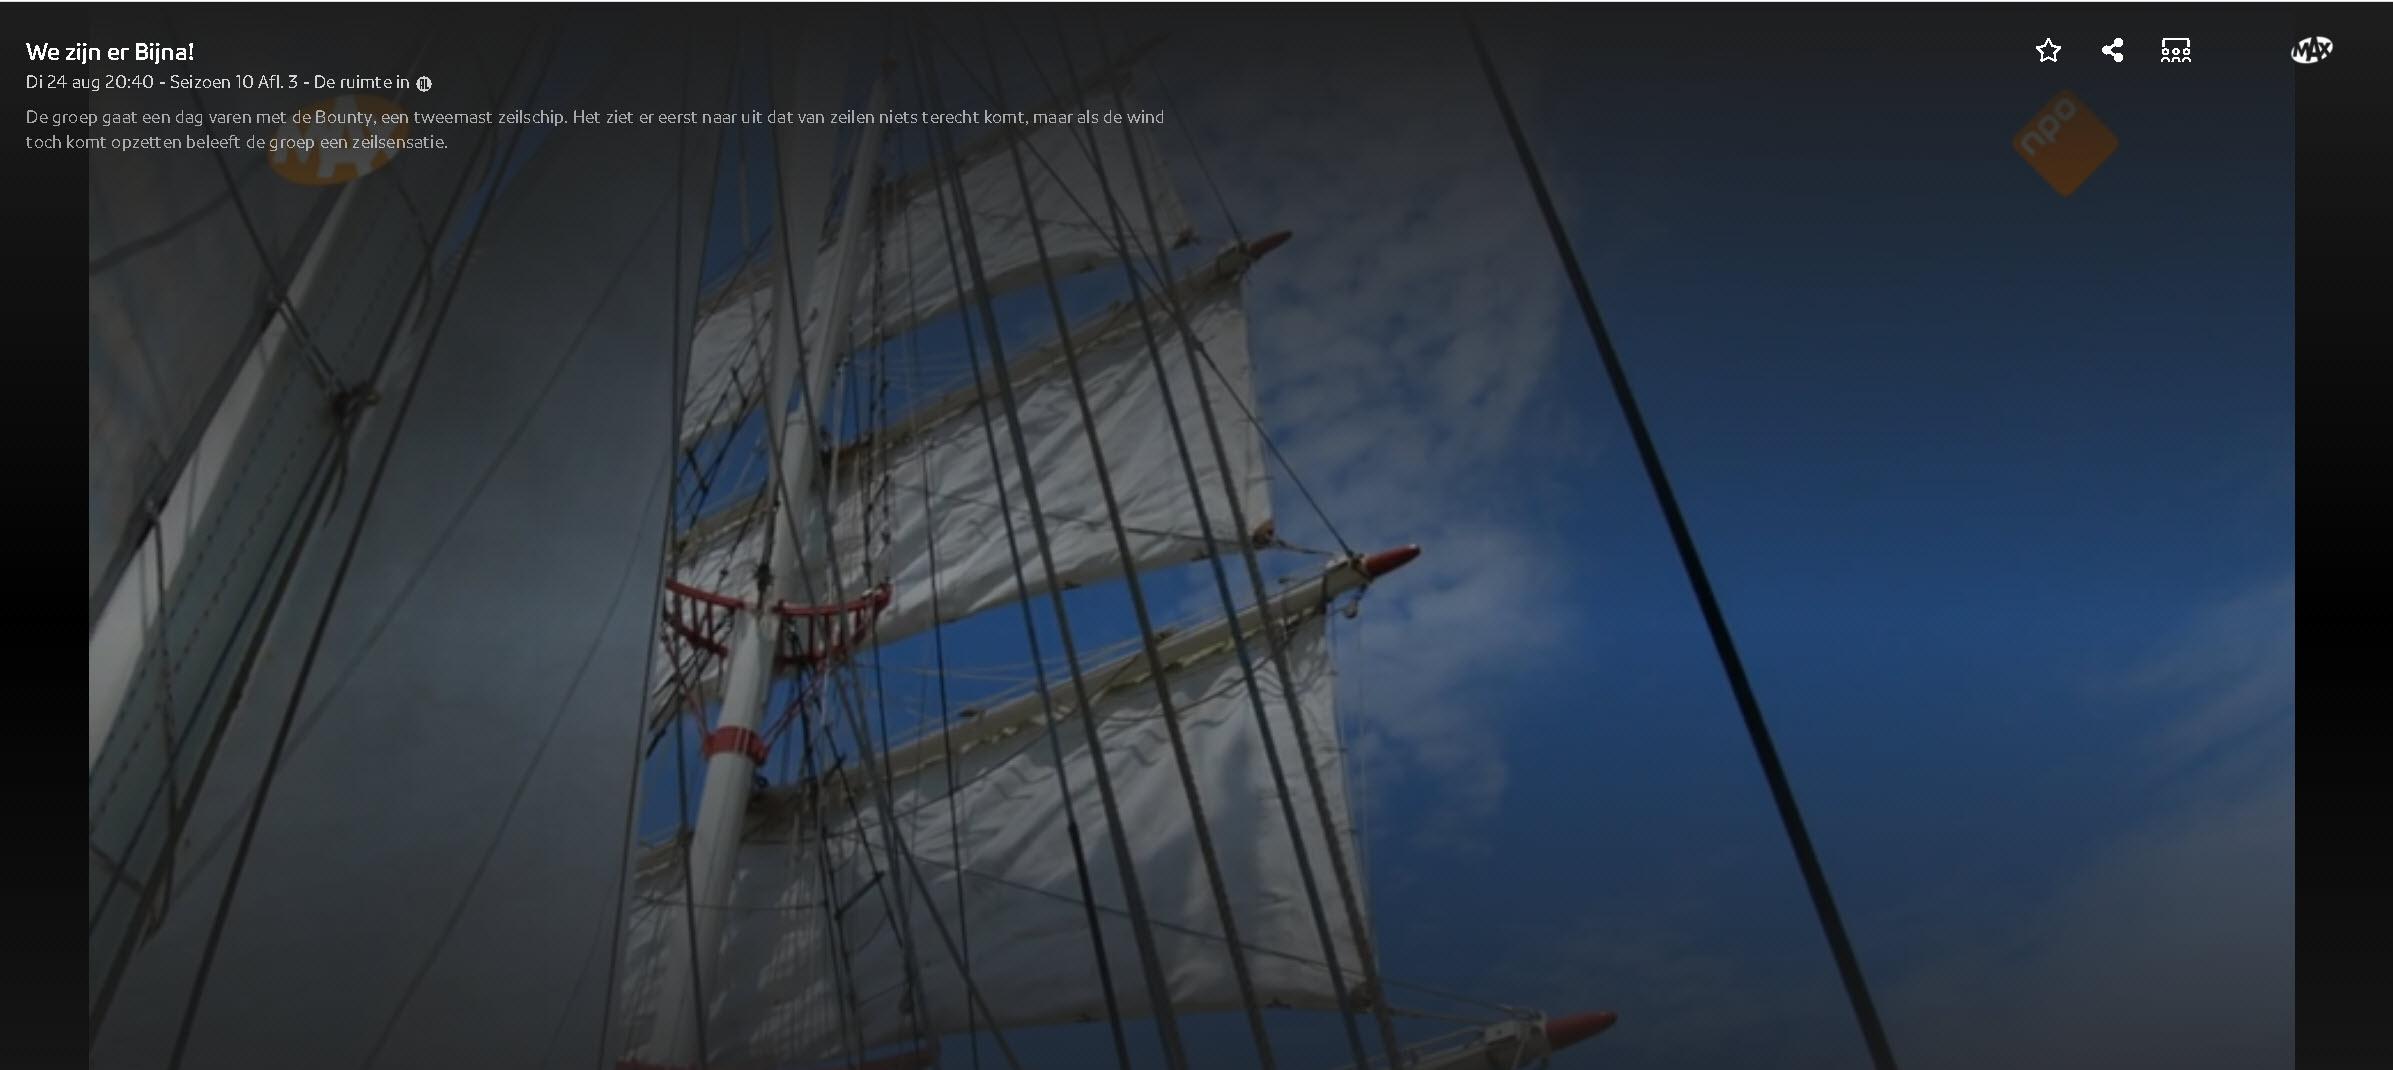 TV-uitzending-zeilschip-Bounty-We-zijn-er-bijna-4